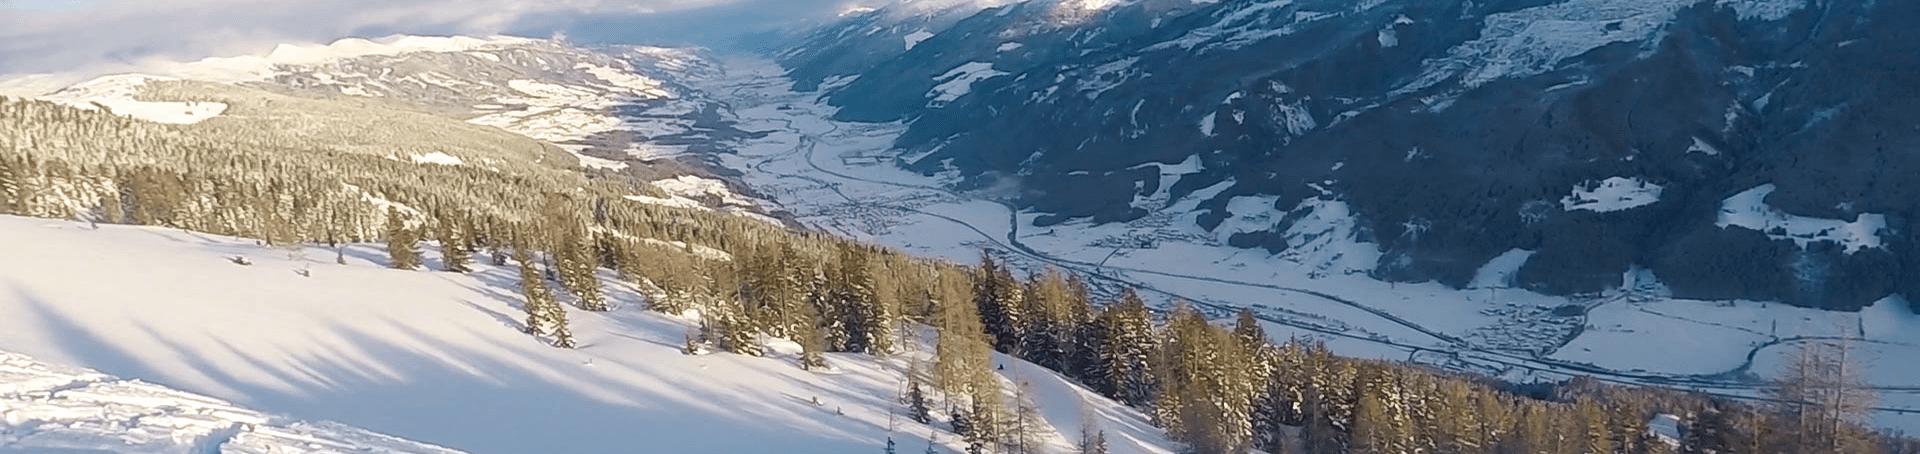 Der Ausblick in das Tal vom Berg aus in Bramberg